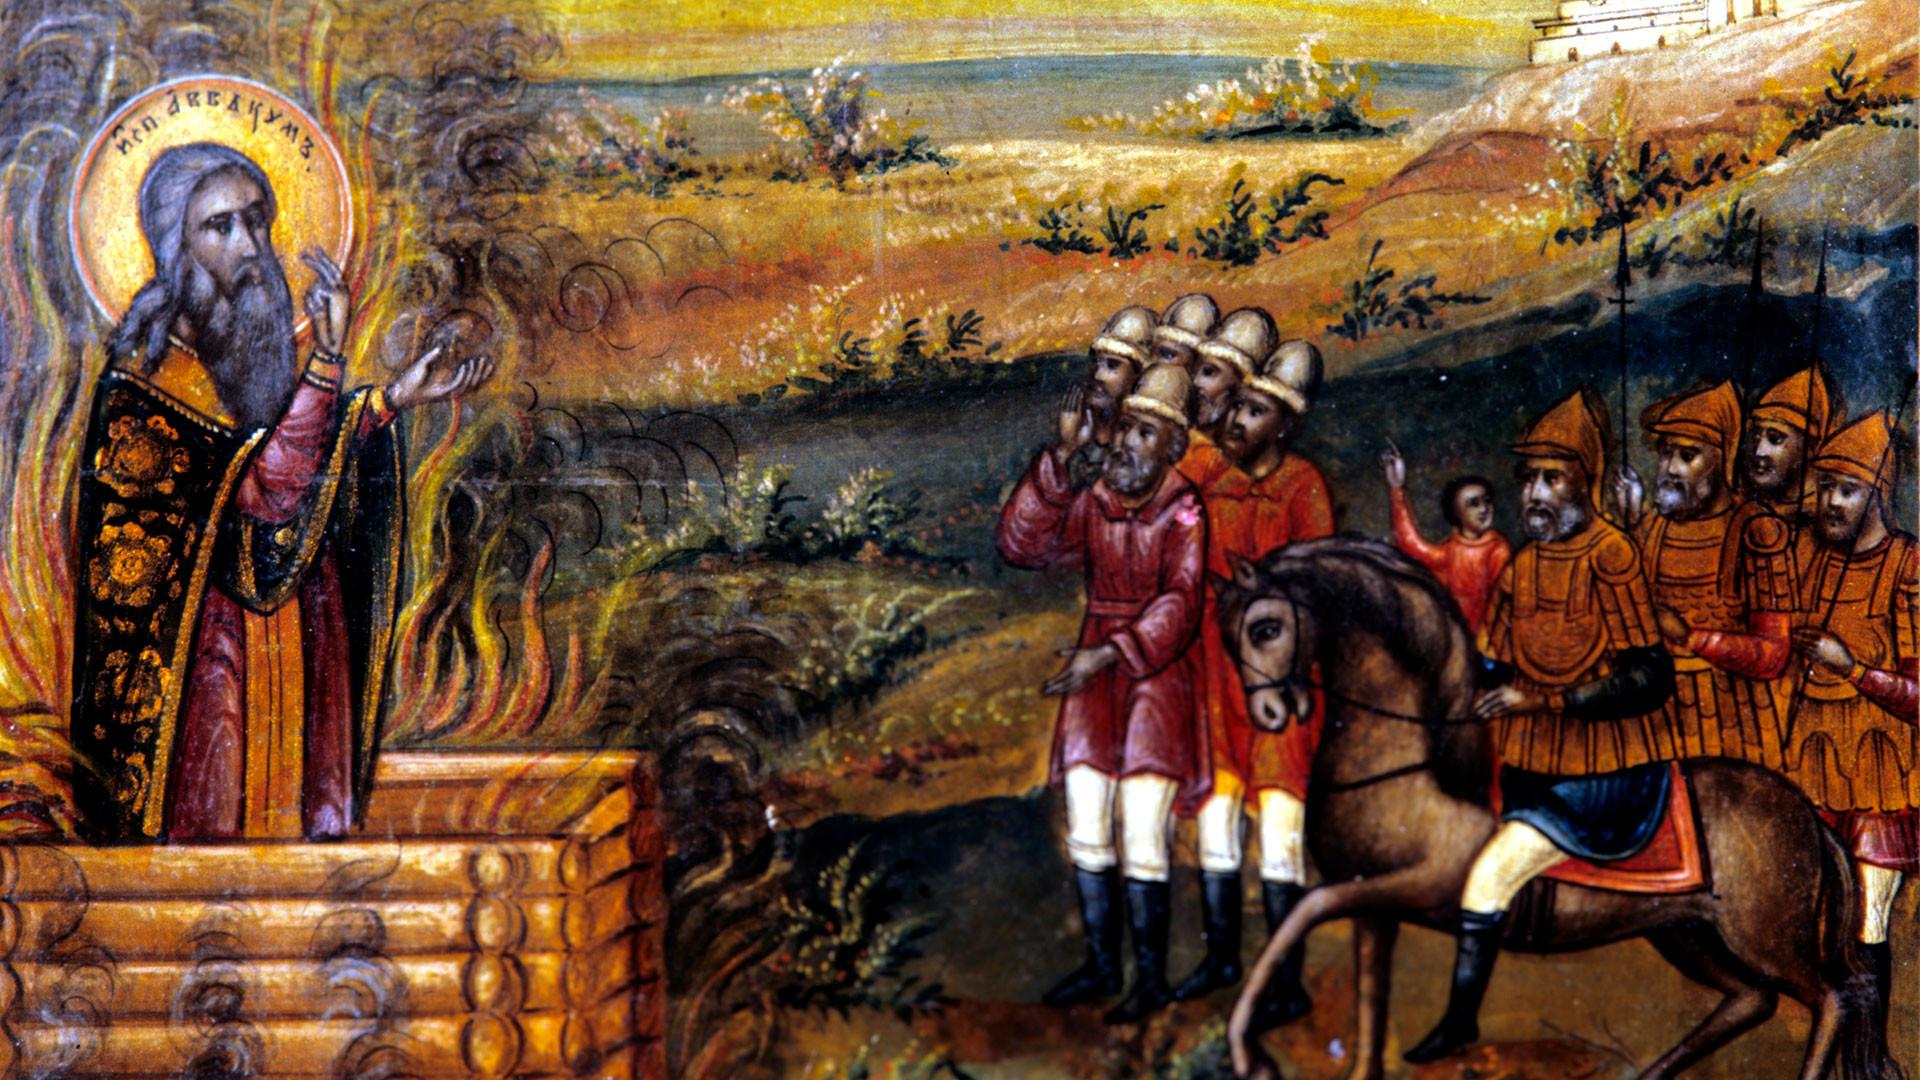 Riproduzione di un'icona del santo martire e confessore Avvakum